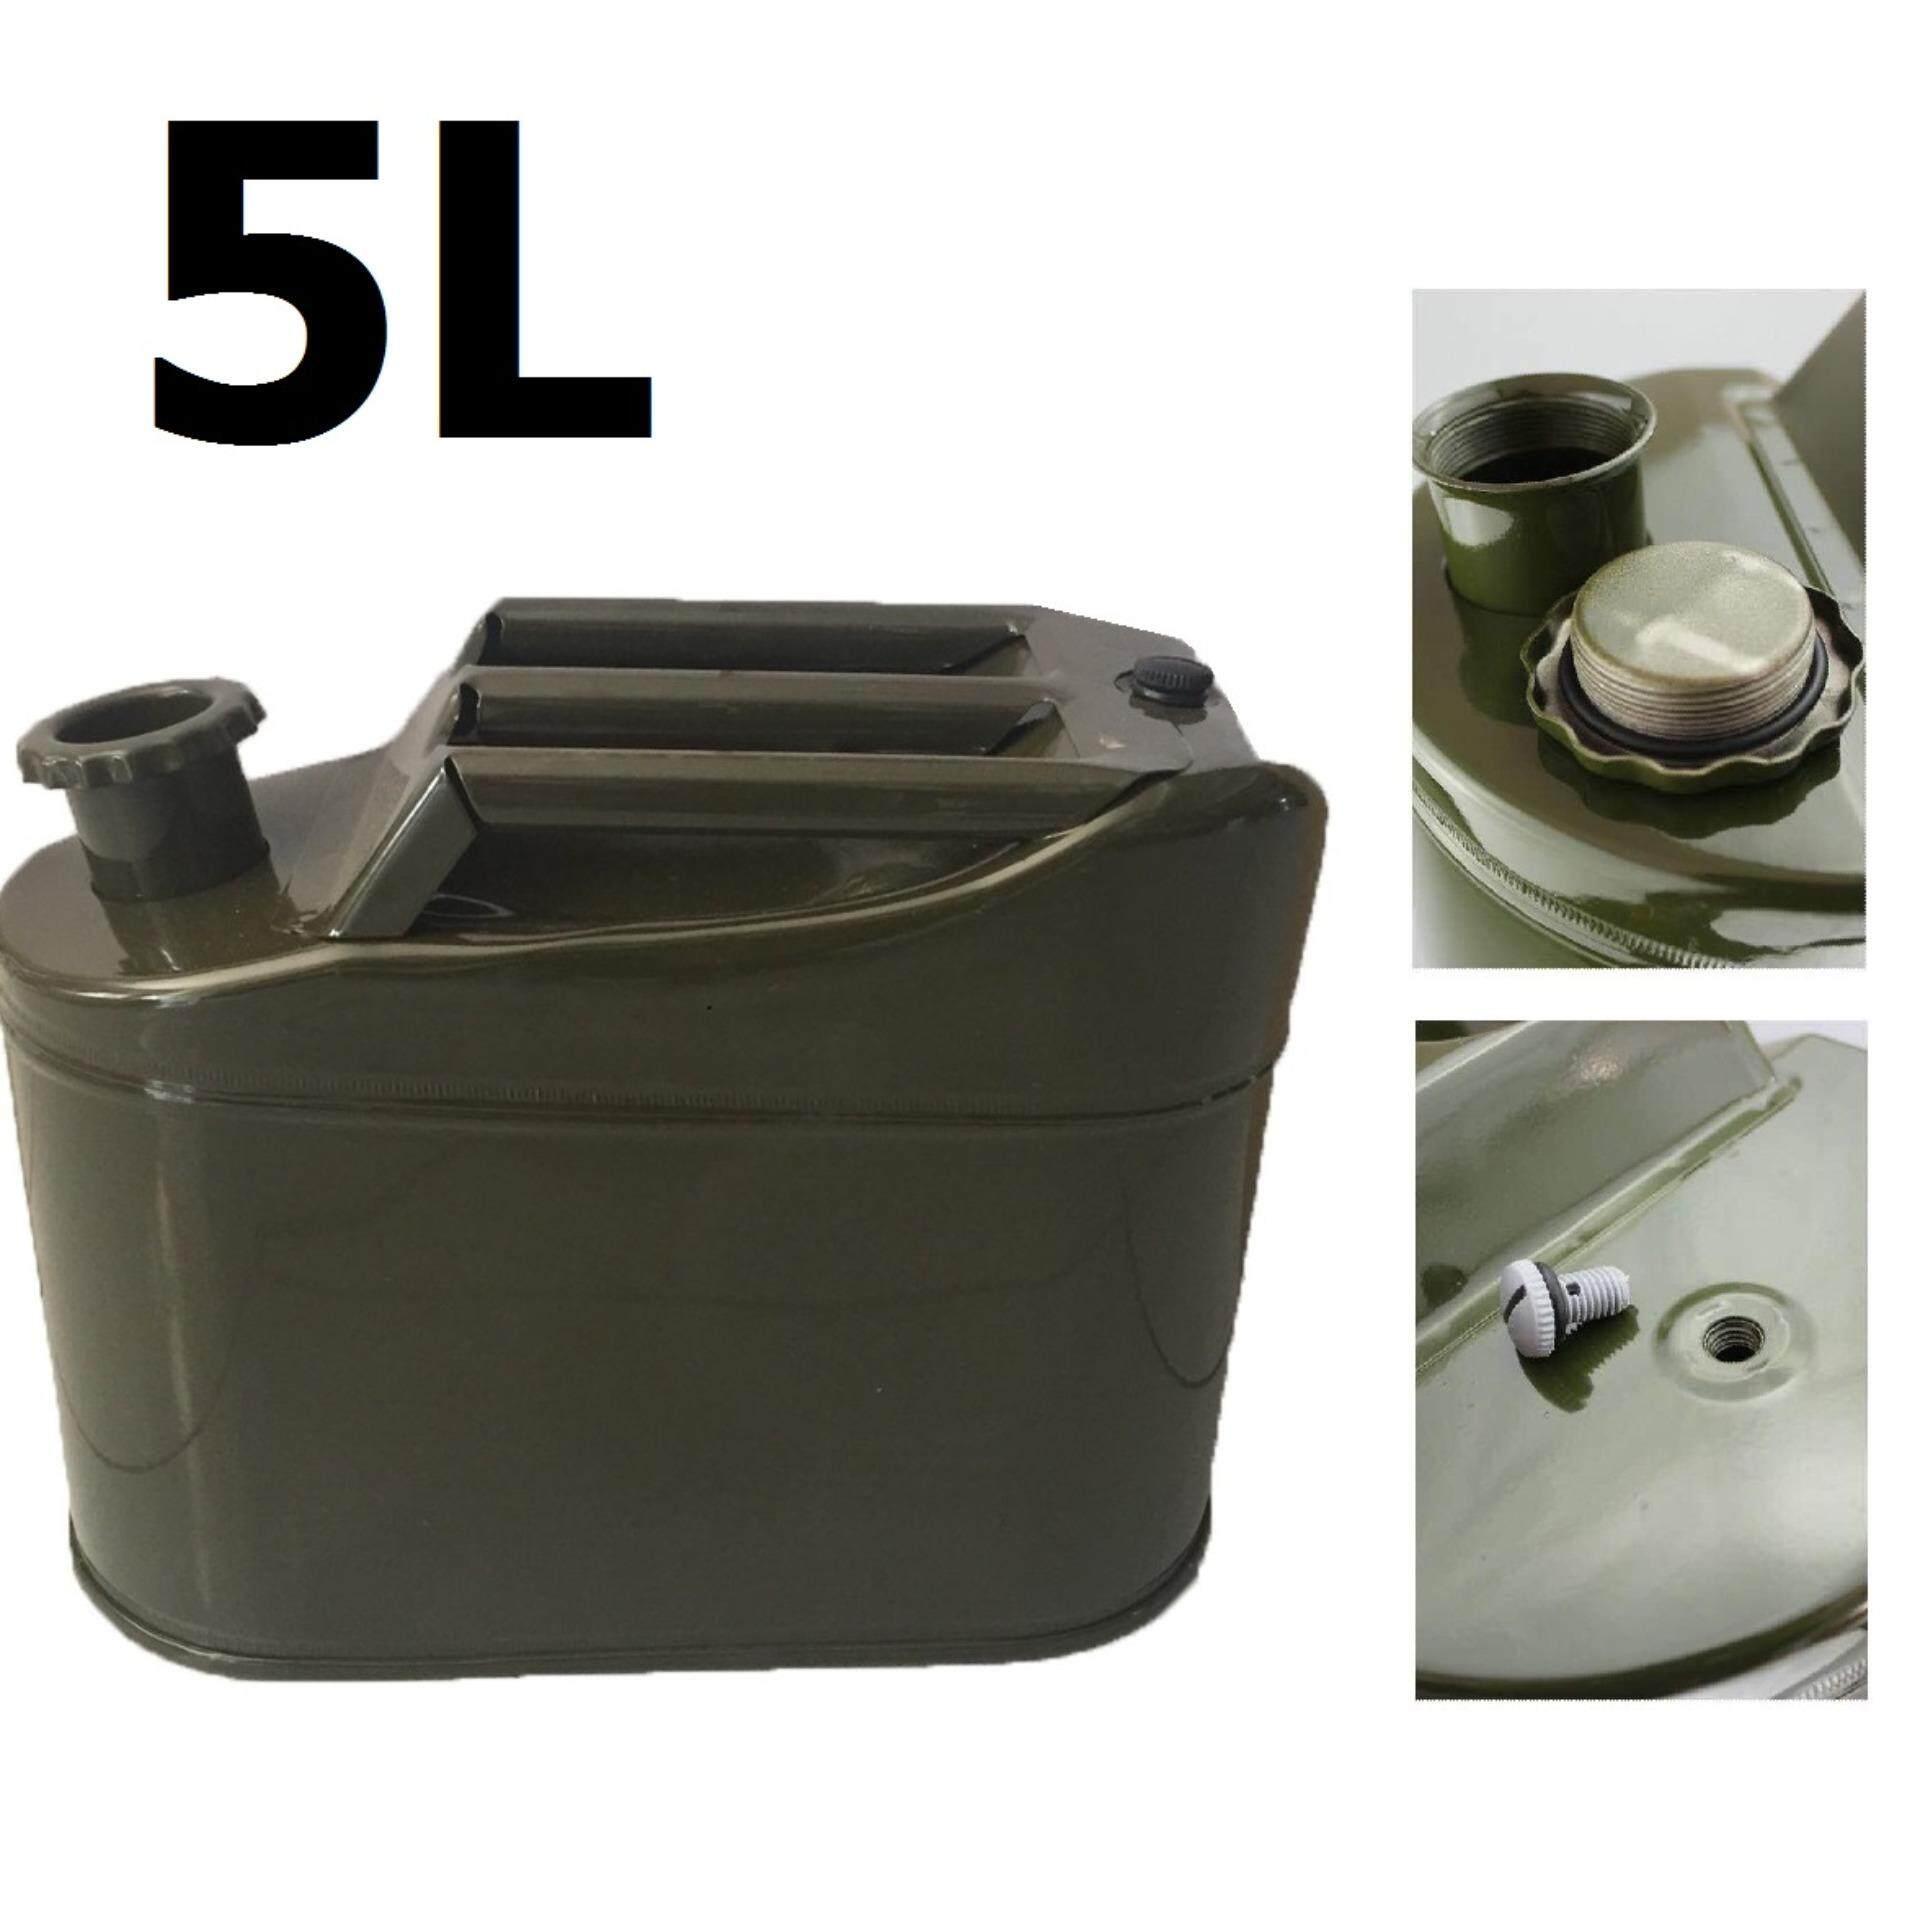 ถังแกลลอนเหล็กเก็บน้ำมันสำรอง ถังน้ำมัน 5 Litre Fuel Tank.